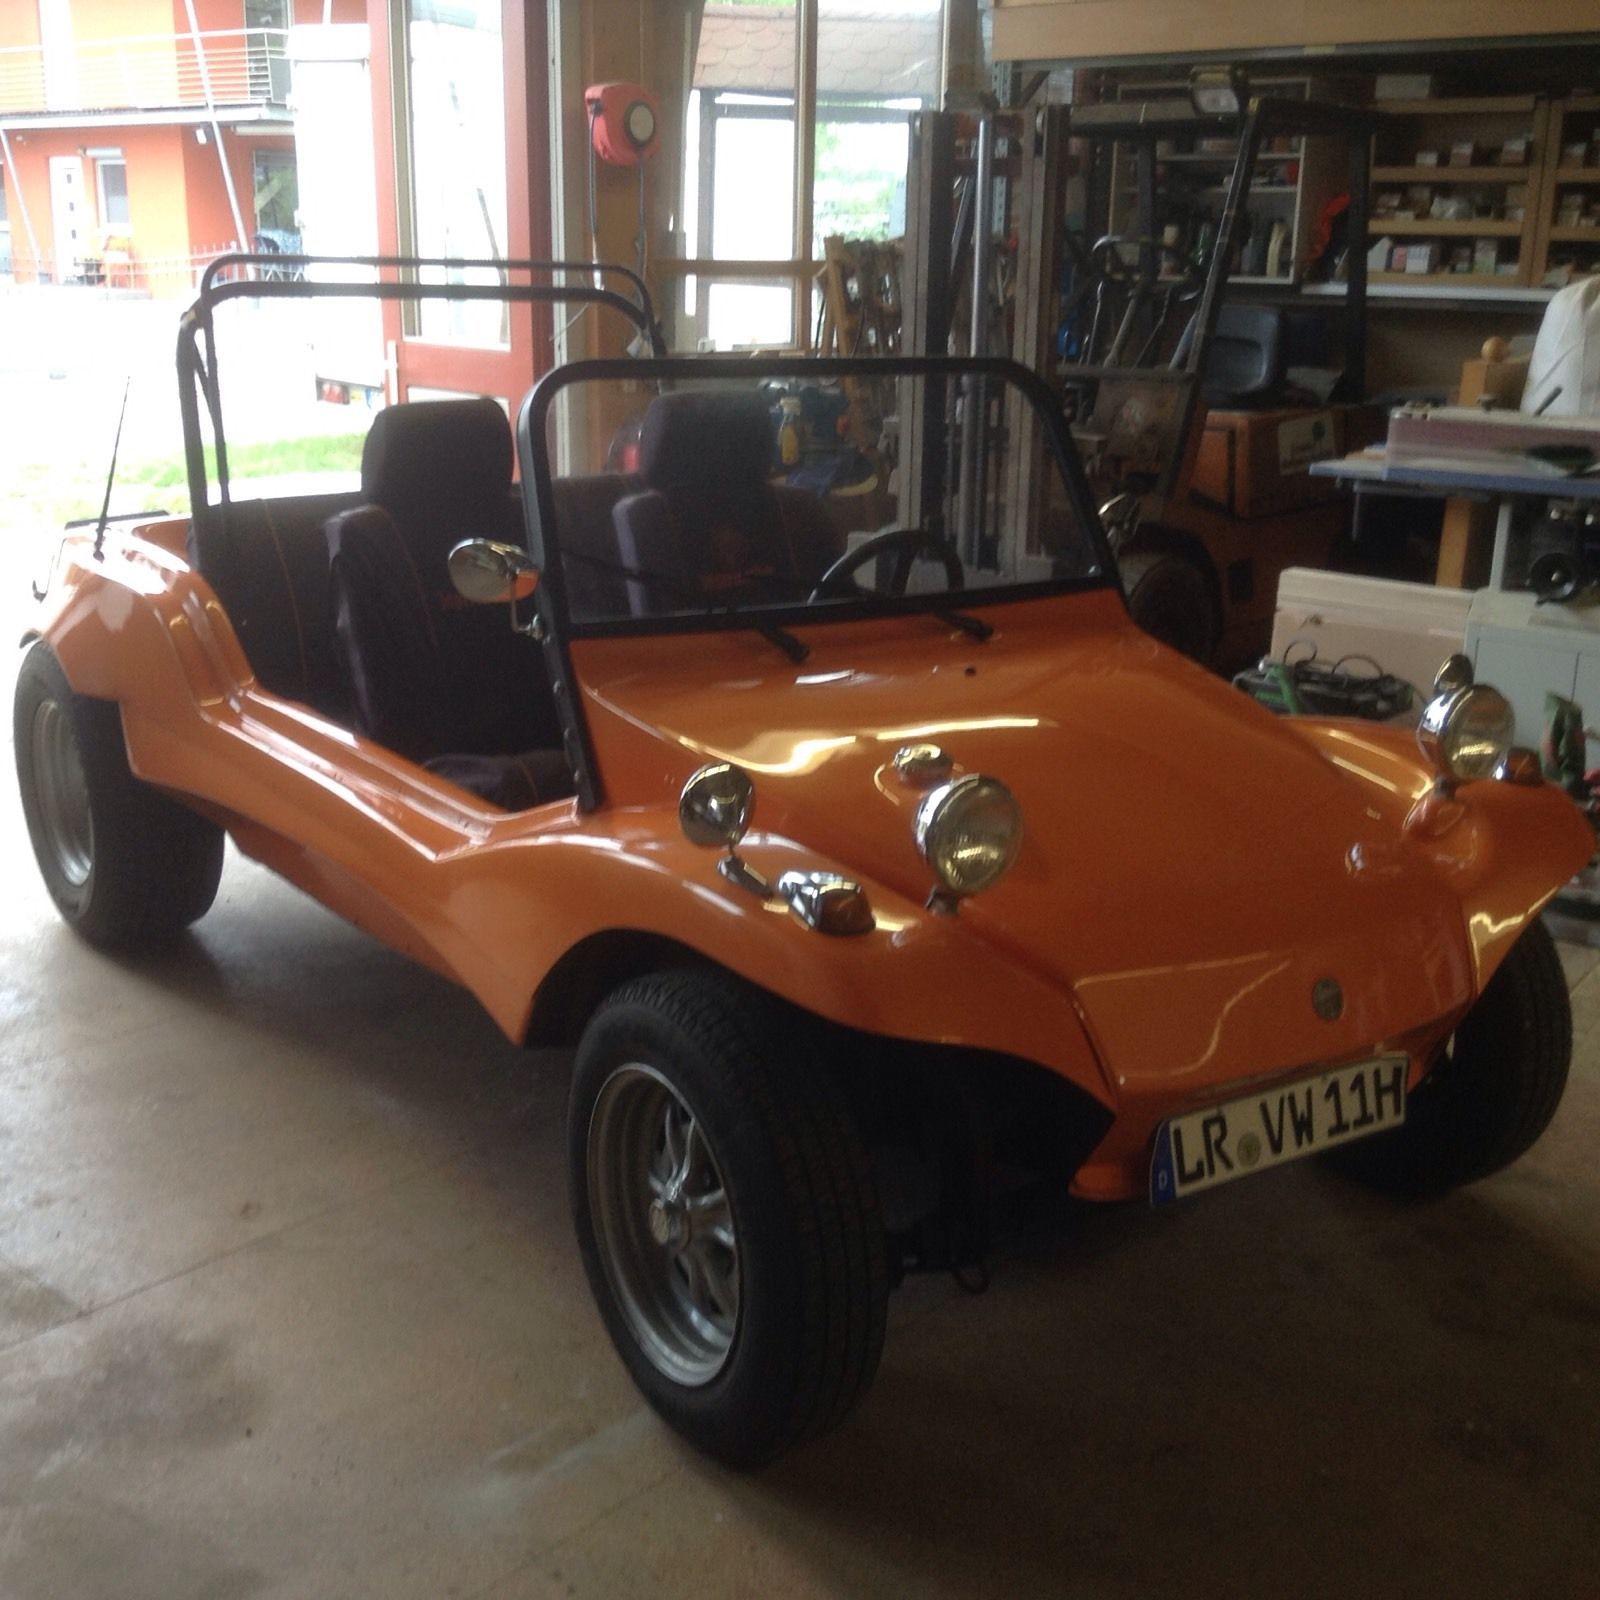 VW Buggy Apal L, Odtimer, Strandbuggy, Cabrio, Funcar, Buggy | eBay ...